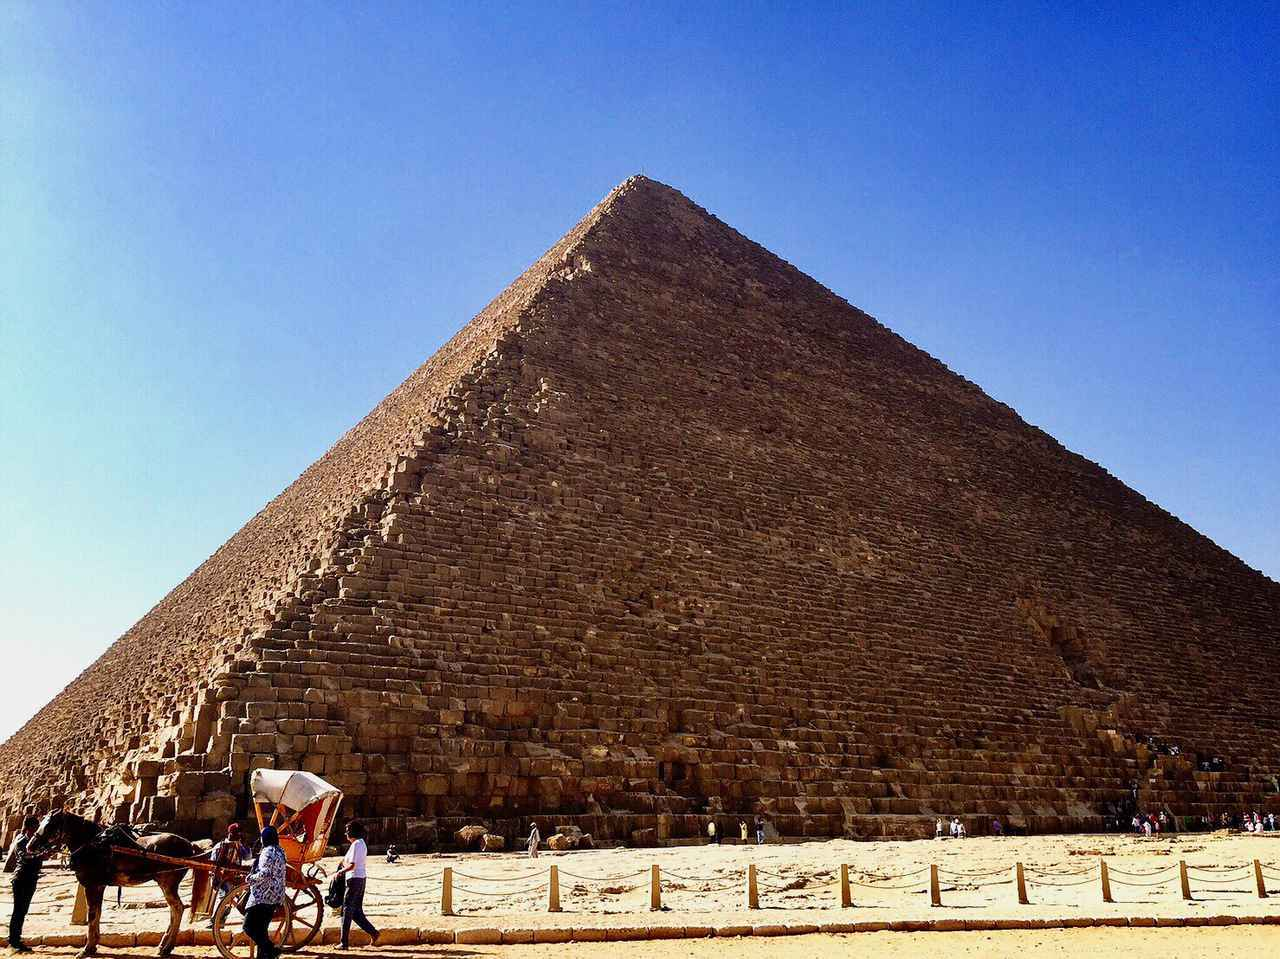 画像: 【エジプト】最新の現地情報~新型コロナウイルス対策をご紹介~【随時更新】(2020年6月24日時点) - クラブログ ~スタッフブログ~|クラブツーリズム